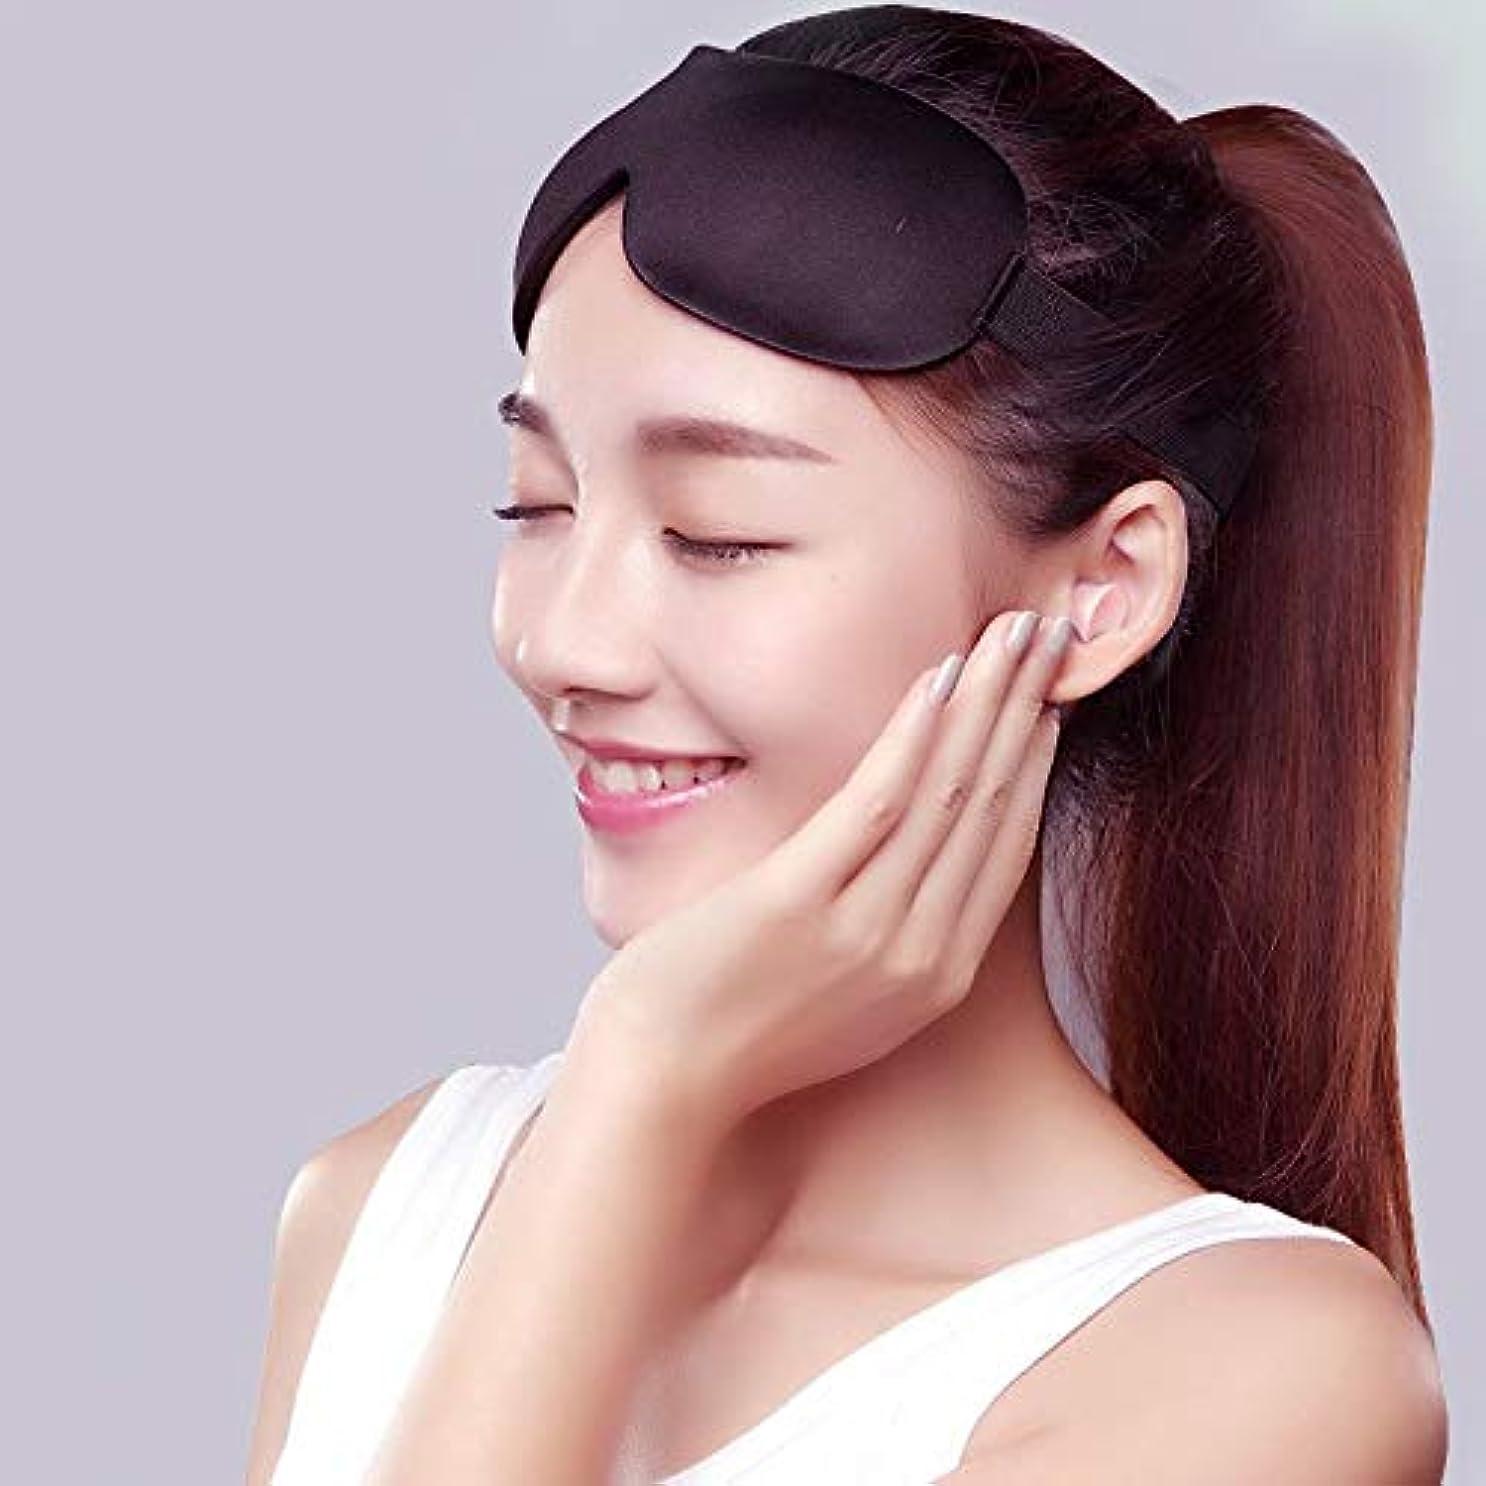 後世強風連結するメモアイシェード睡眠防音性耳栓ミュートアンチいびき睡眠アイマスク